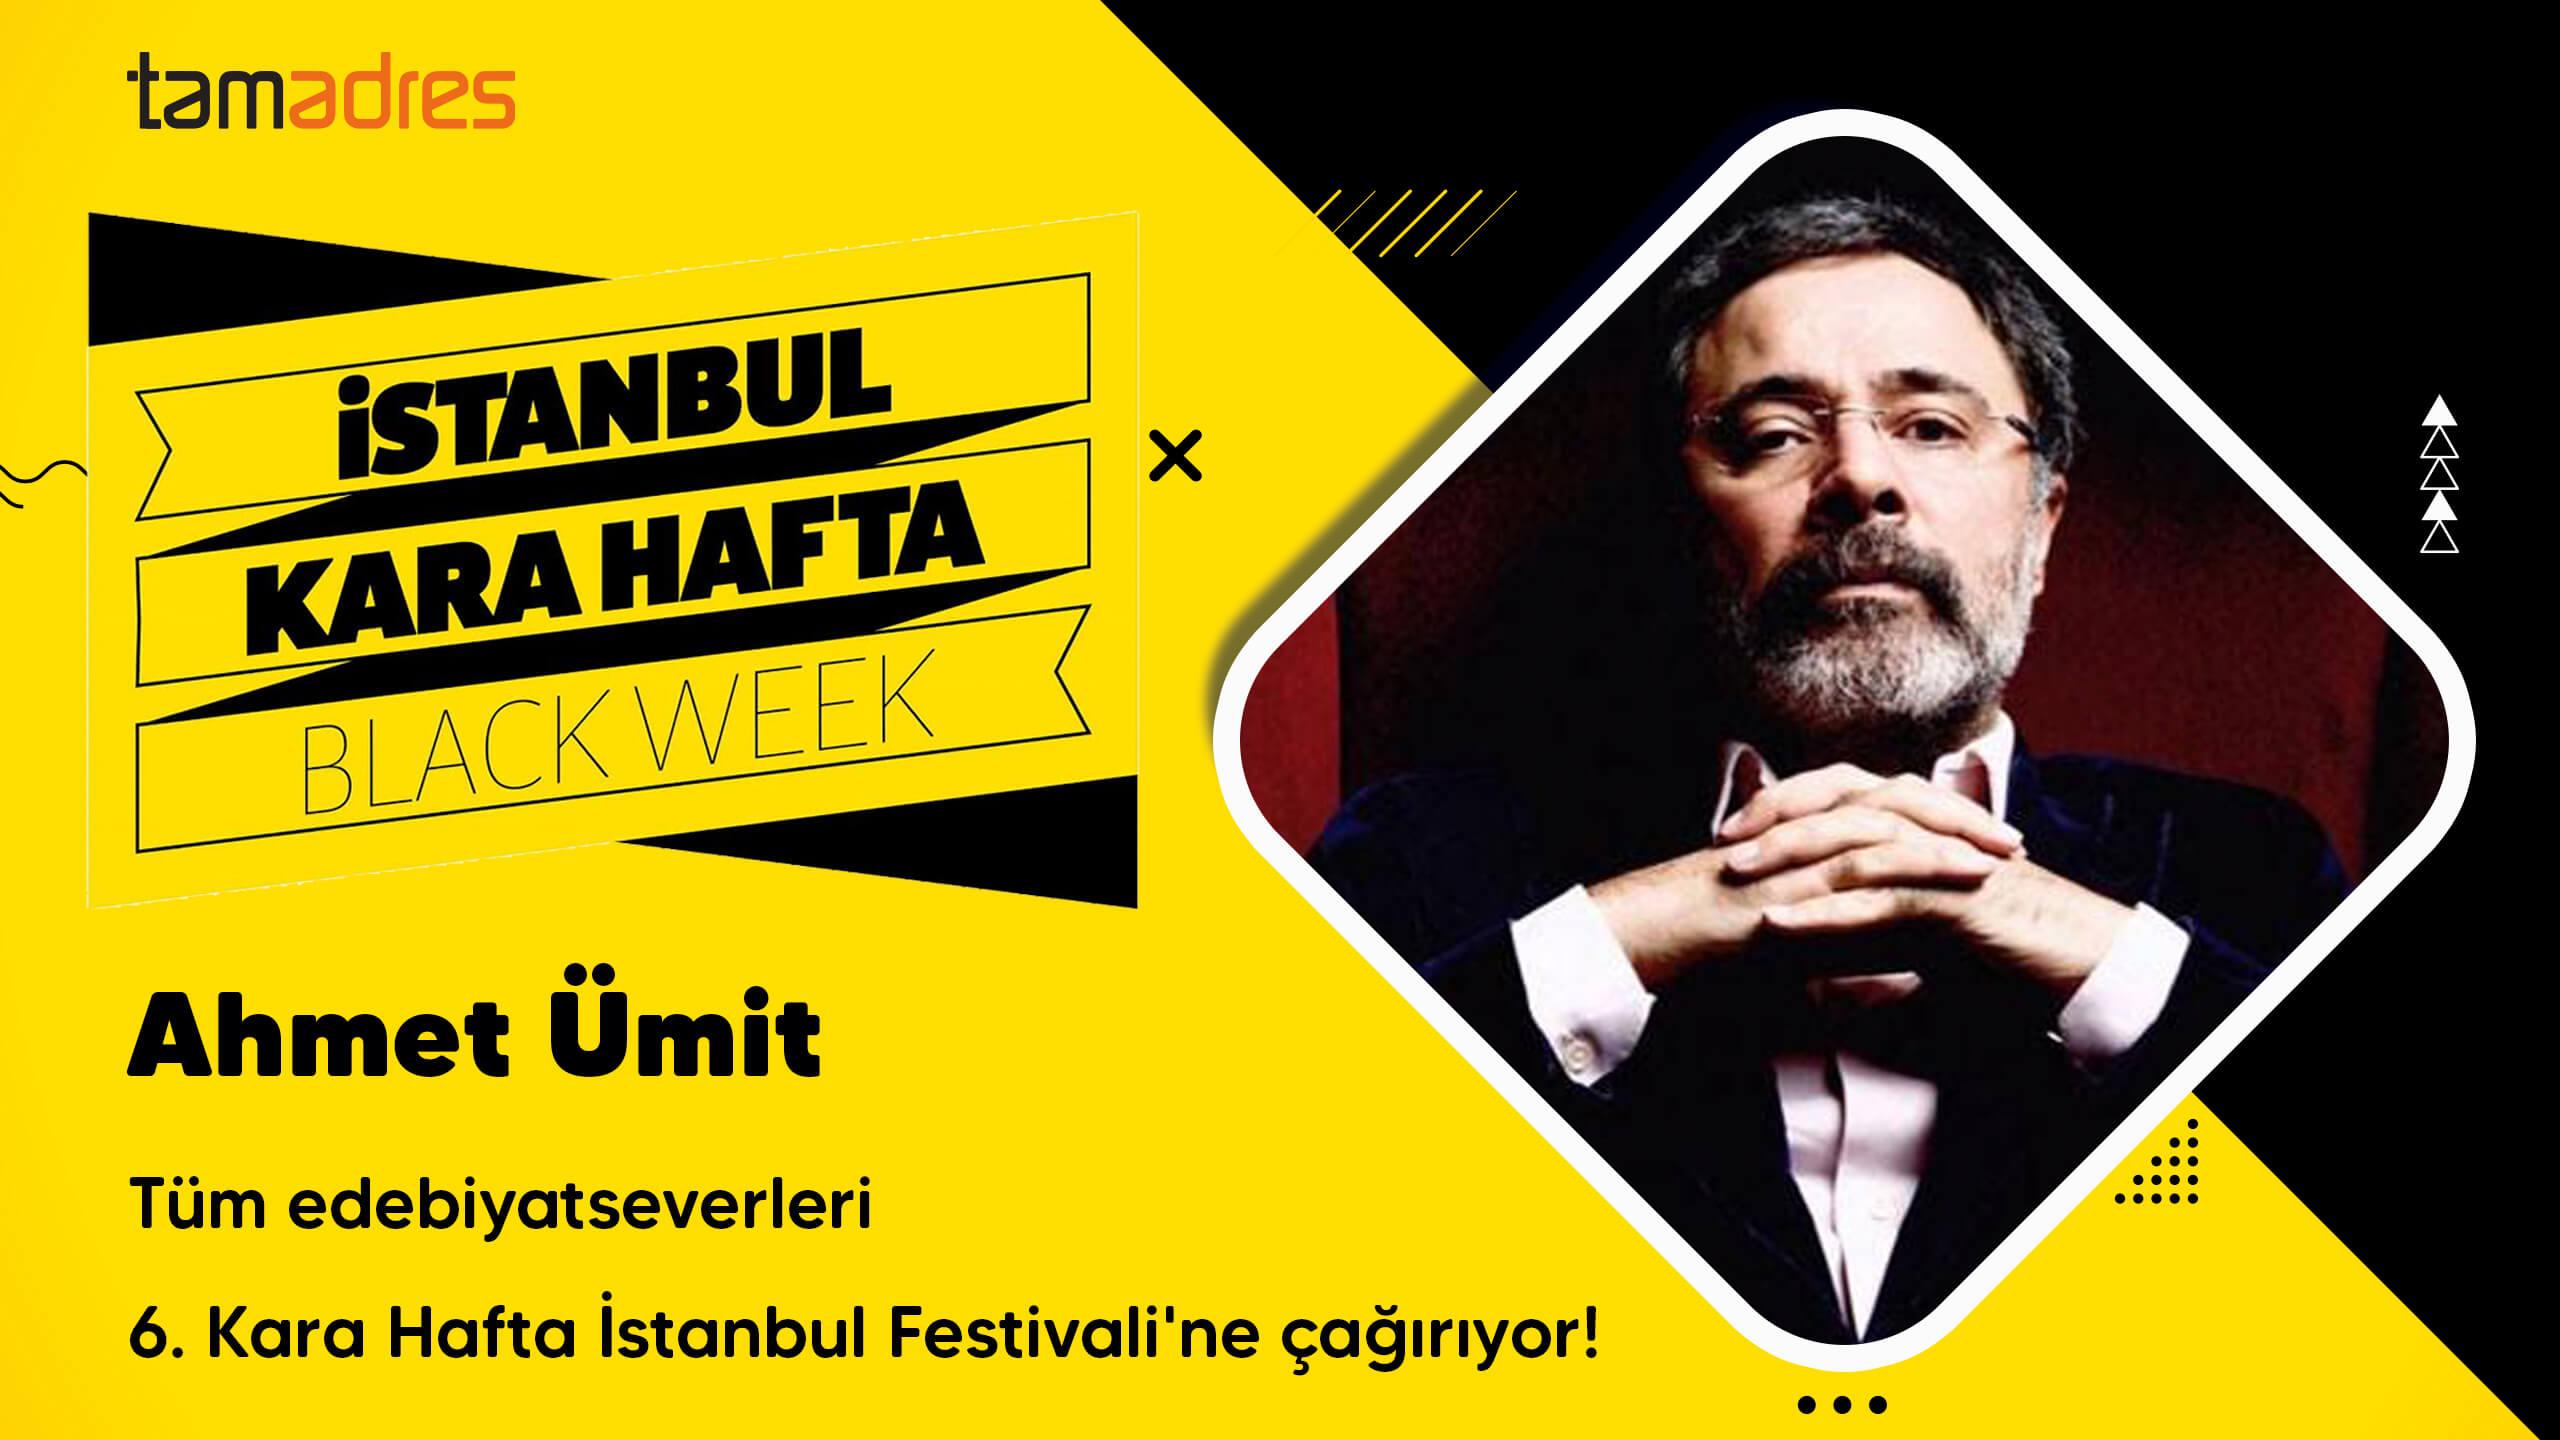 Ahmet Ümit, tüm edebiyatseverleri 6. Kara Hafta İstanbul Festivali'ne çağırıyor!